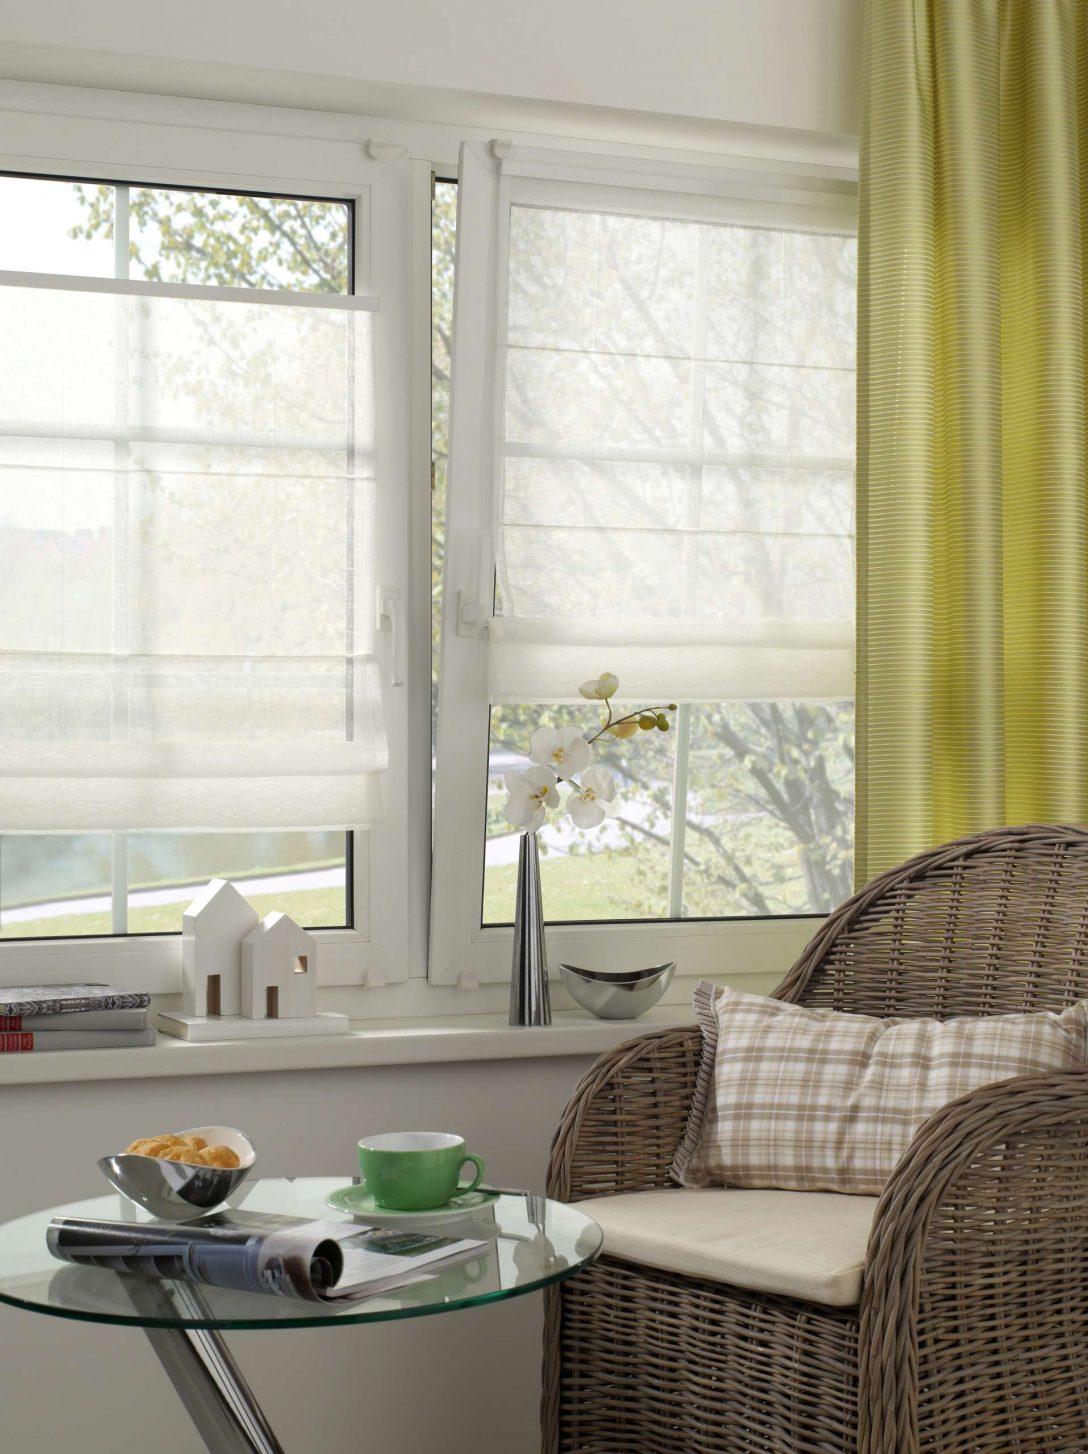 Large Size of Fixma Moderne Bilder Fürs Wohnzimmer Esstische Tapete Küche Modern Deckenleuchte Schlafzimmer Weiss Modernes Bett 180x200 Holz Landhausküche Design Wohnzimmer Raffrollo Modern